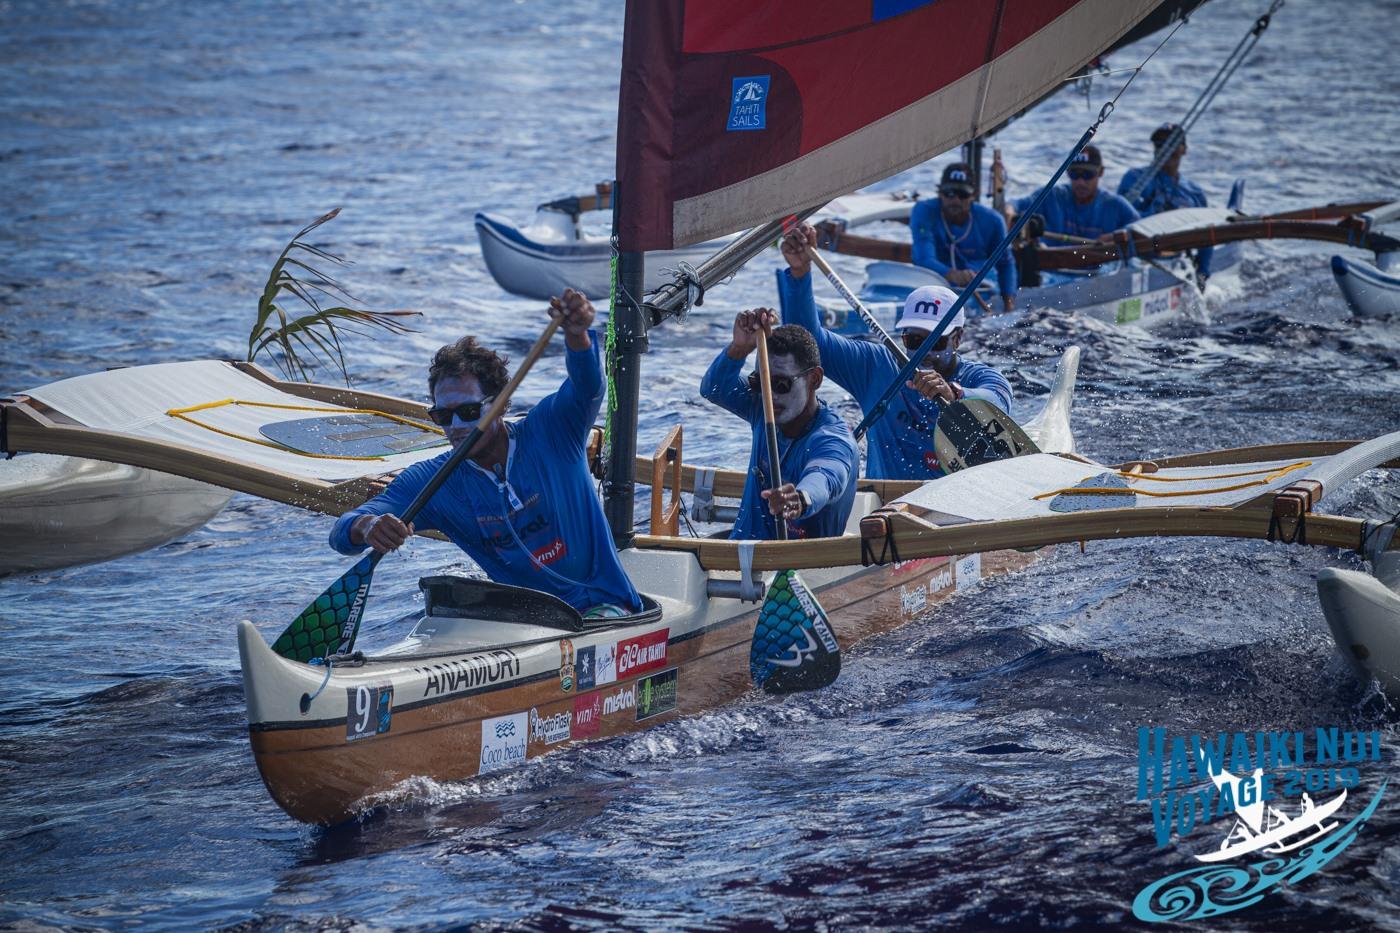 Le team Moana Explorer devient champion du monde de Holopuni